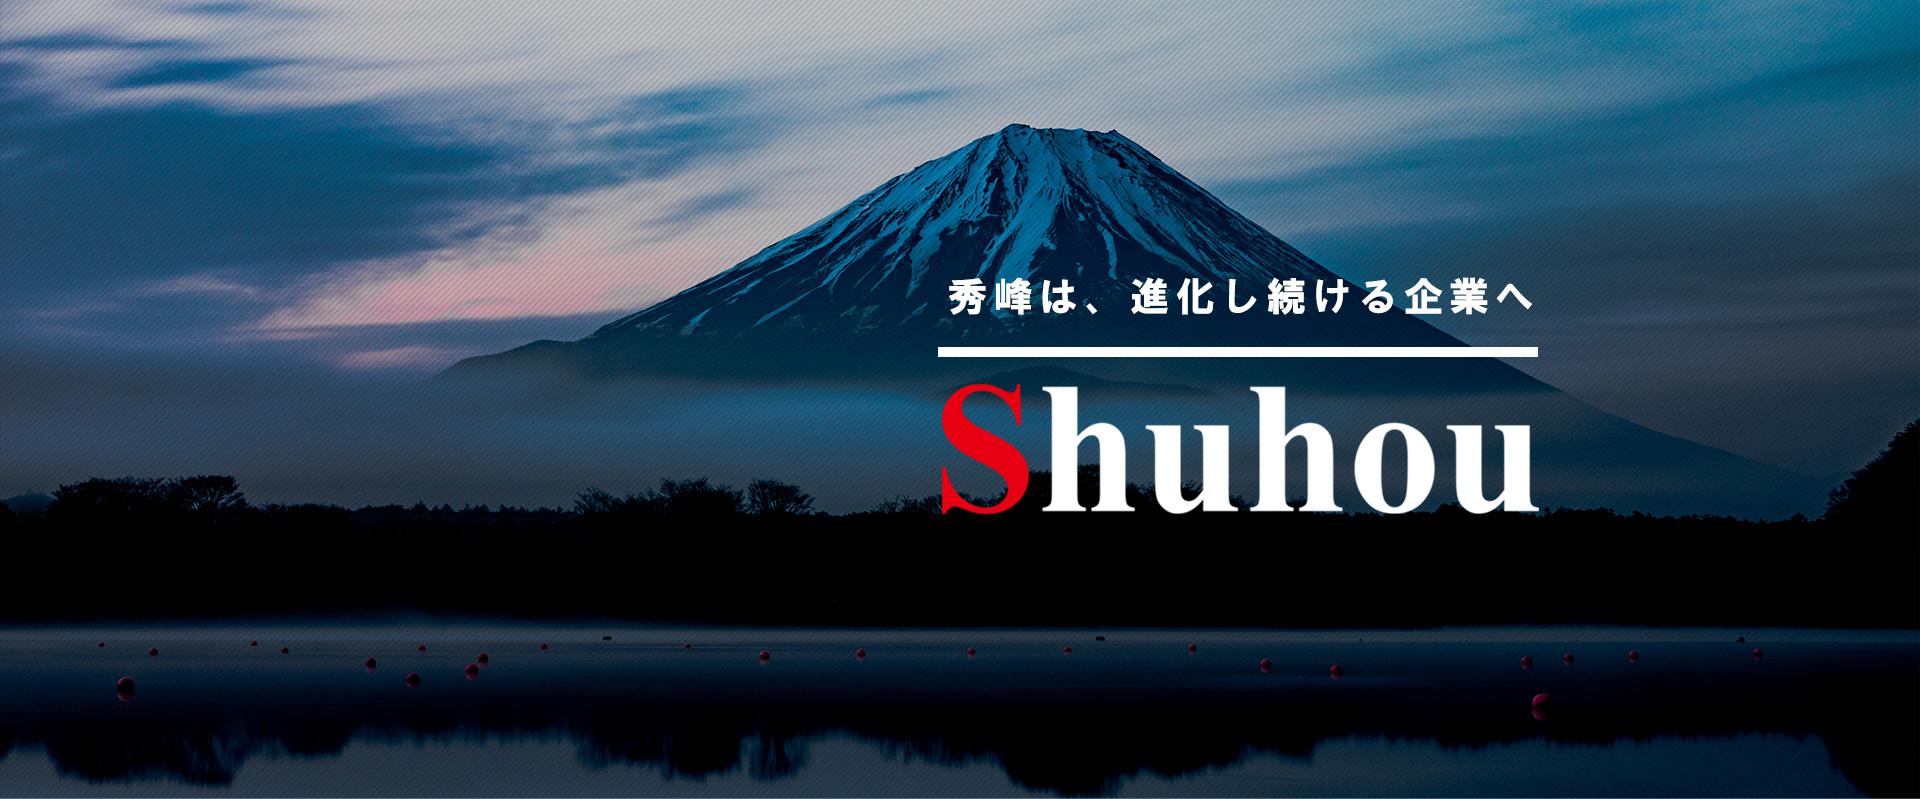 秀峰は、進化し続ける企業へ。